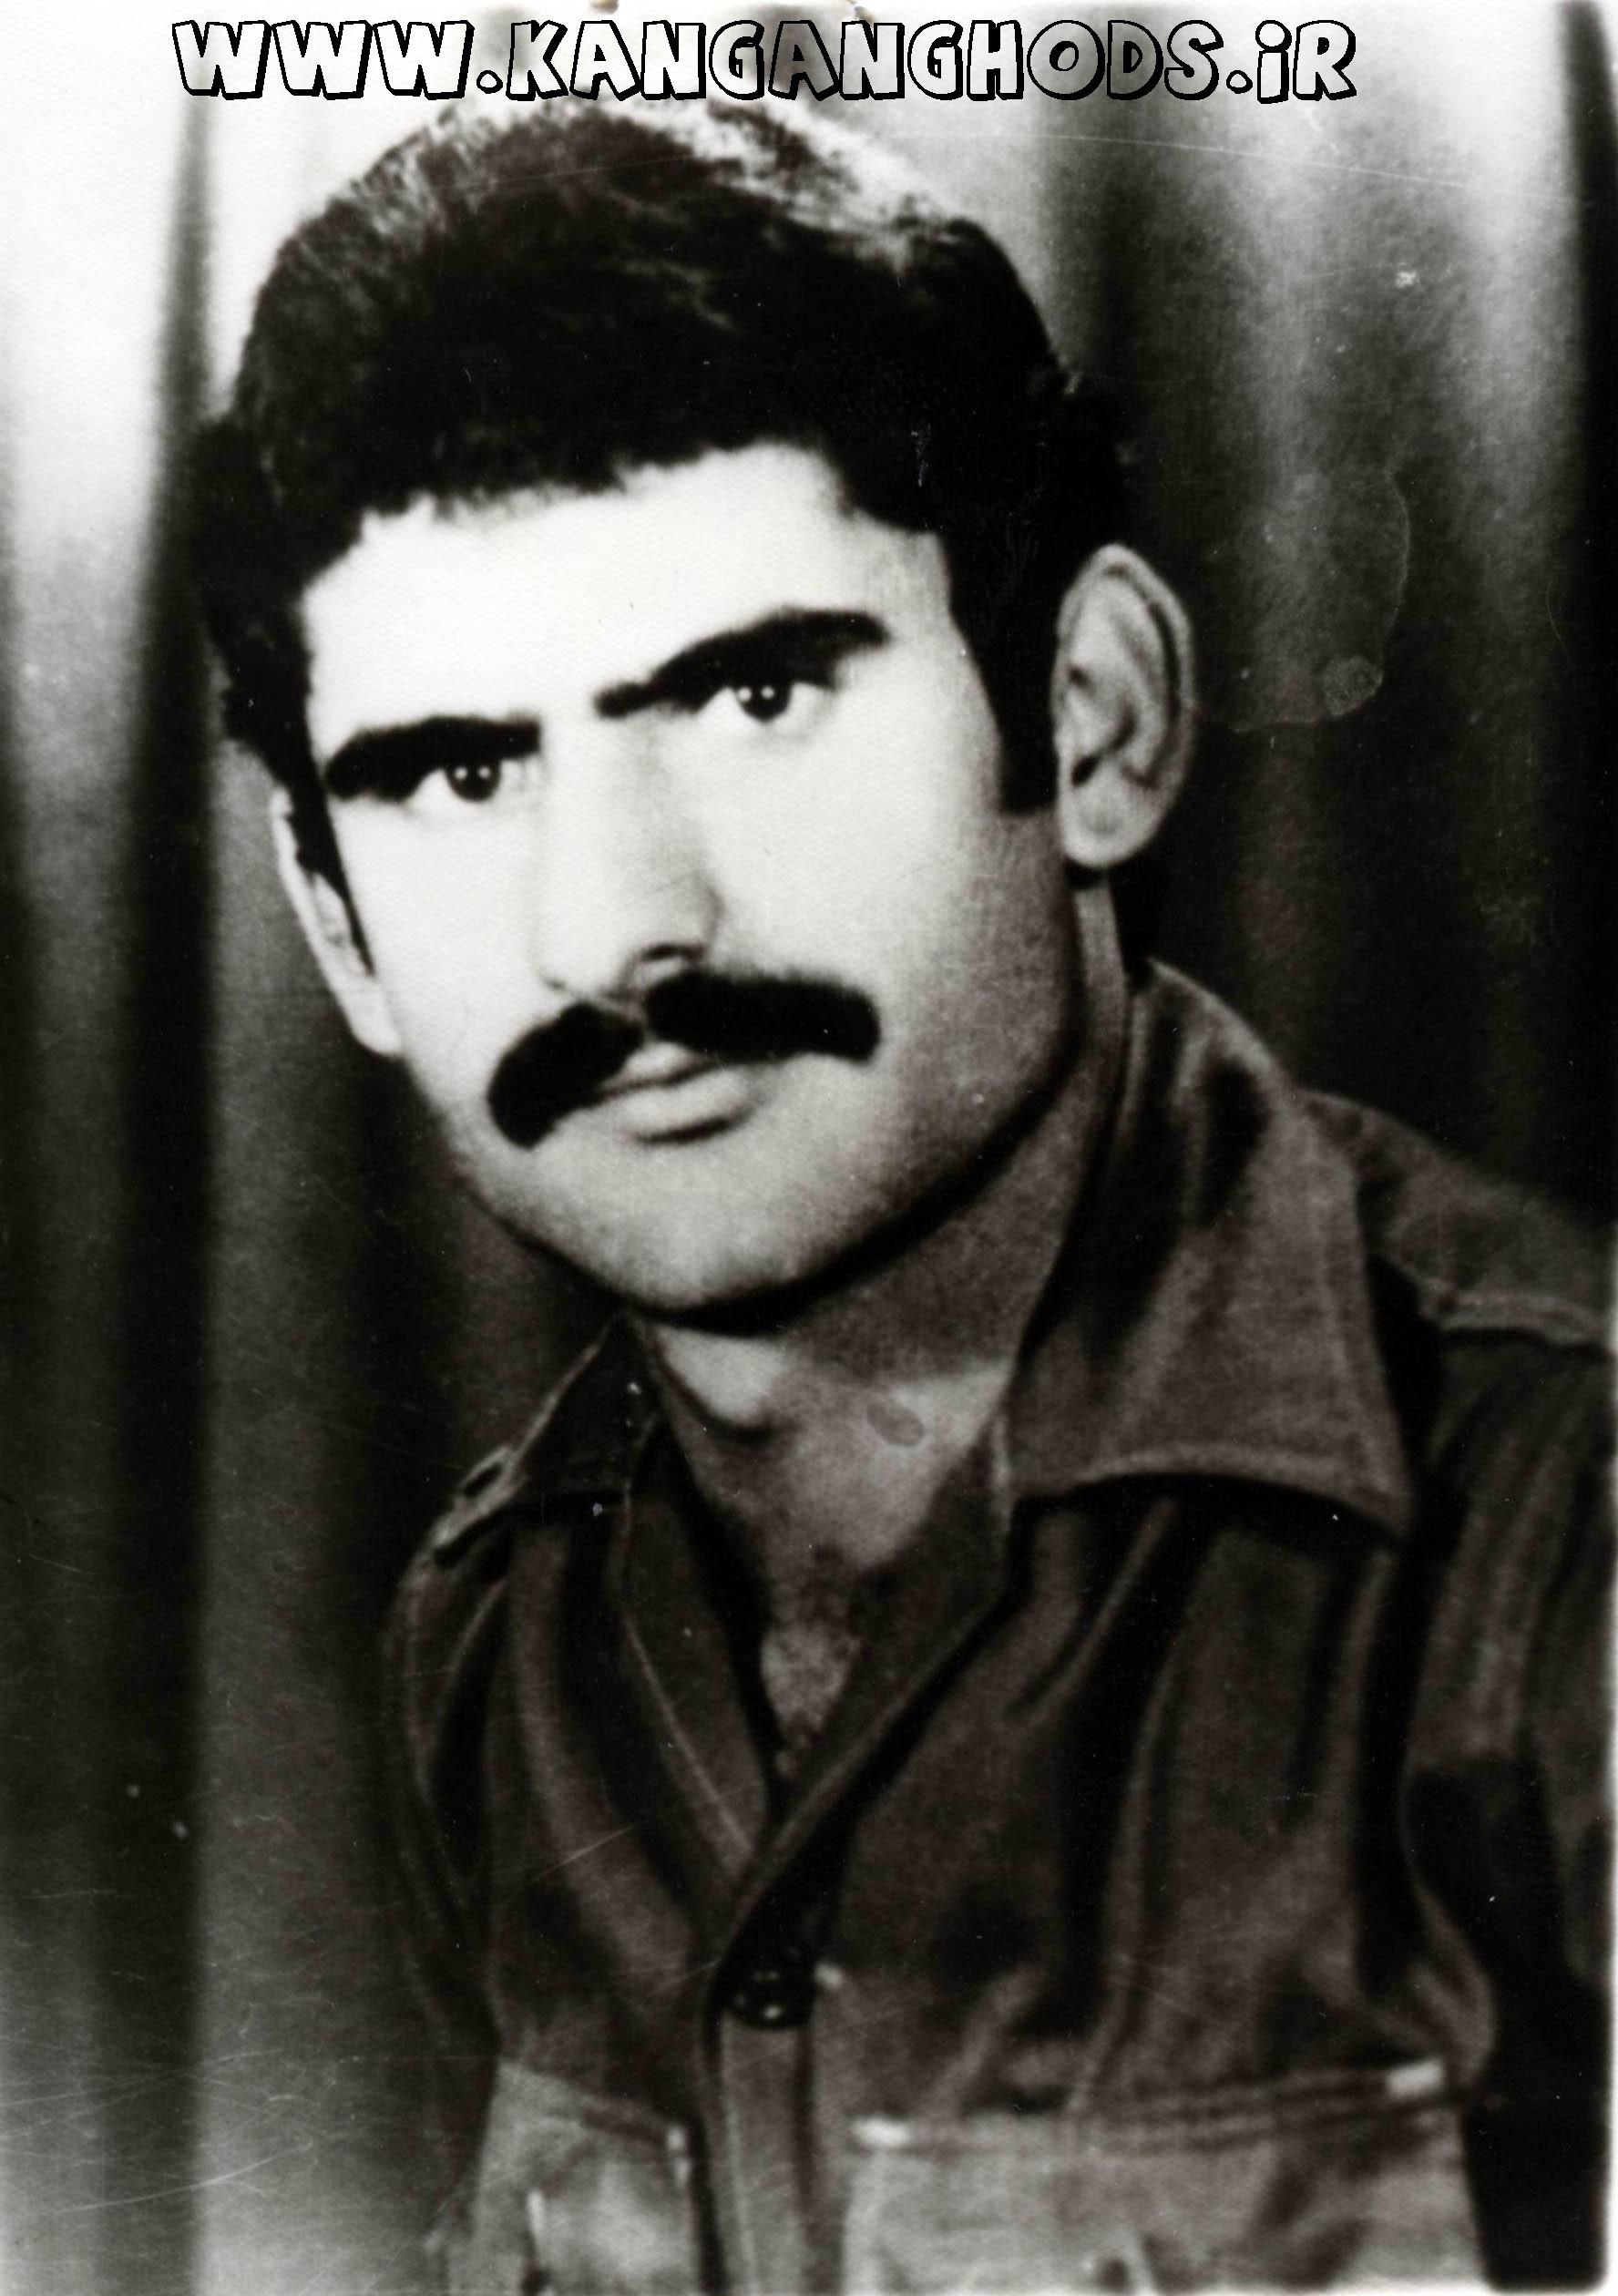 http://kanganghods.persiangig.com/image/Shohadaye.KanGan/Hossein.Gholami2.jpg